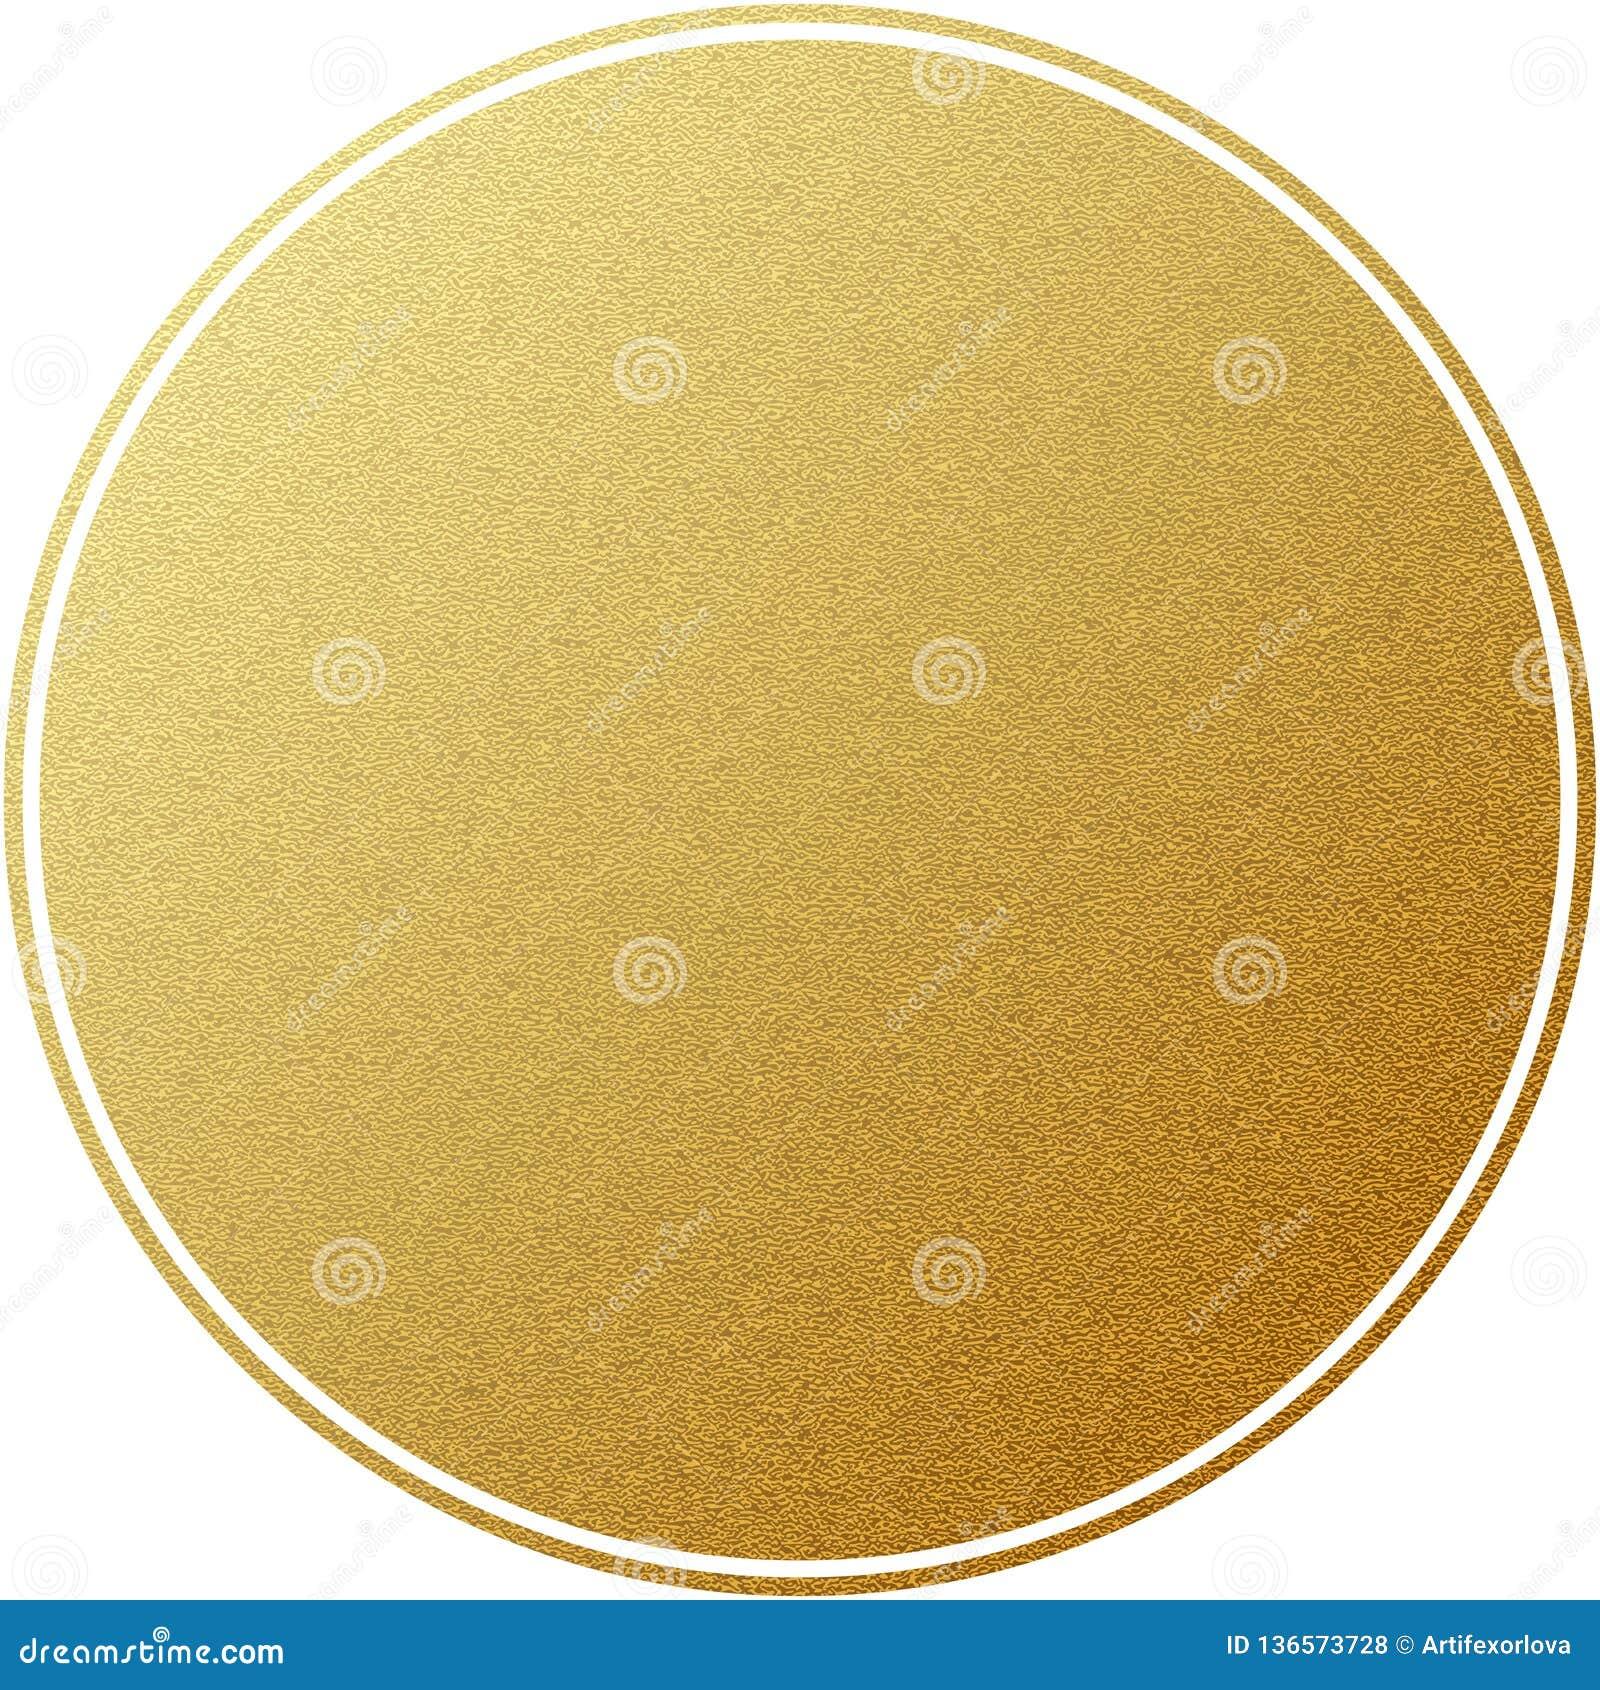 Círculo redondo da etiqueta dourada com a textura do brilho, isolada no branco Eps 10